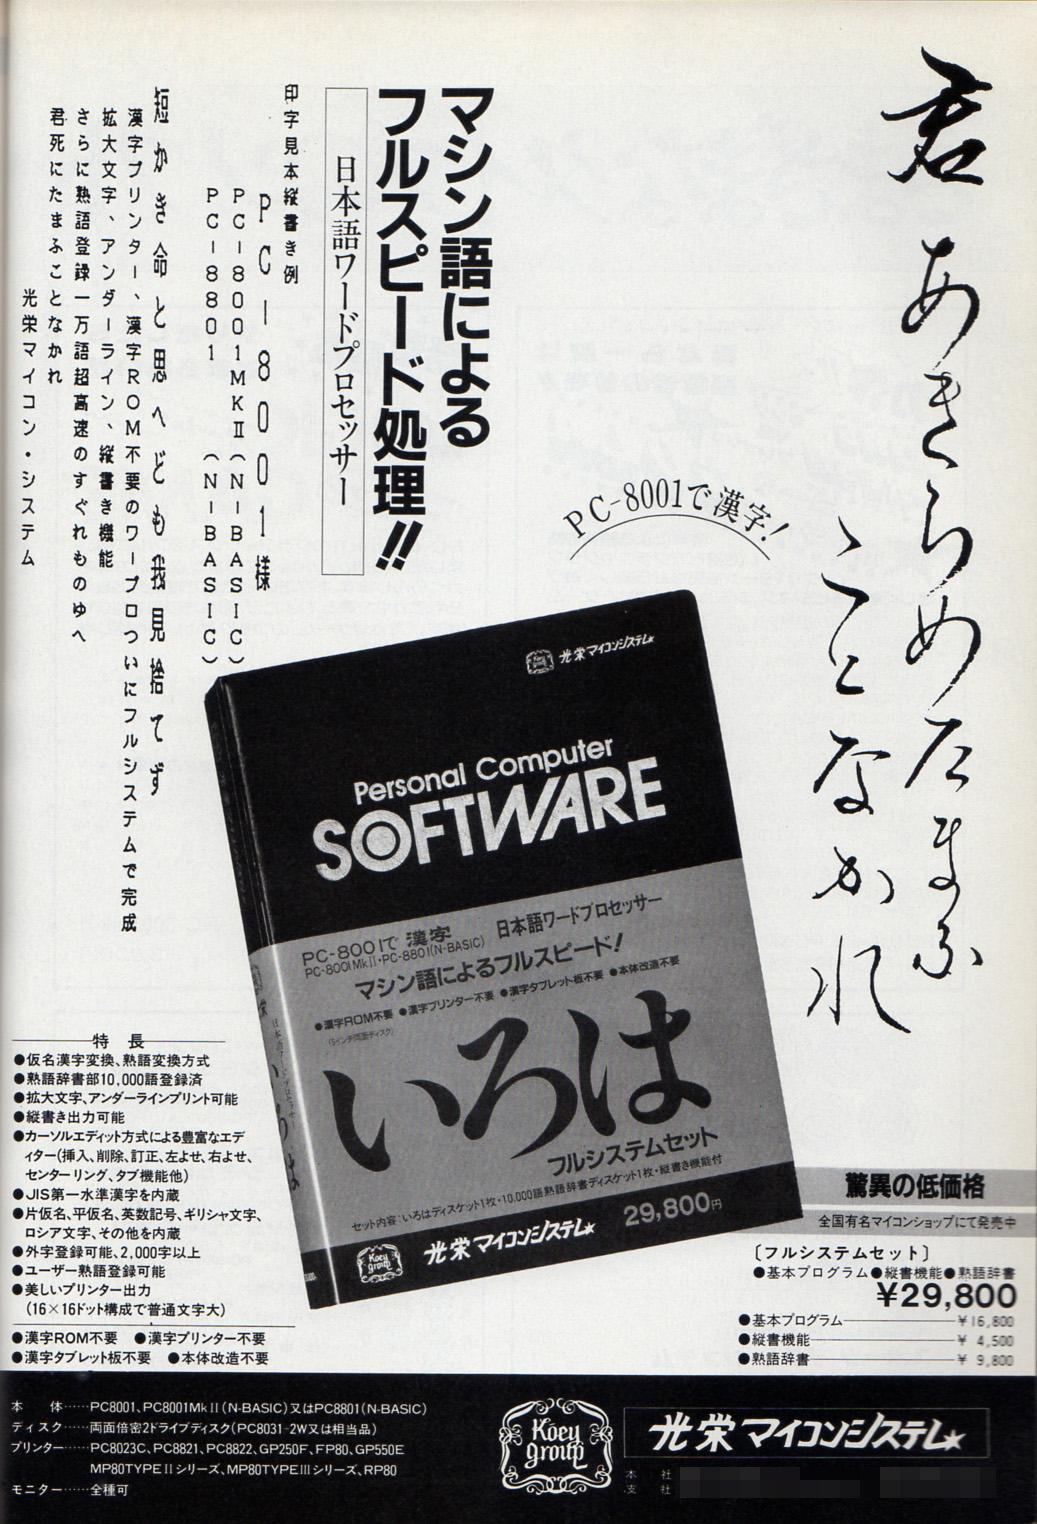 ちなみに、これが1983年1月に光栄マイコンシステムから発売されたPC-8001用ワープロソフト『いろは』の広告です。「PC-8001で漢字!」のキャッチが時代を感じさせます。